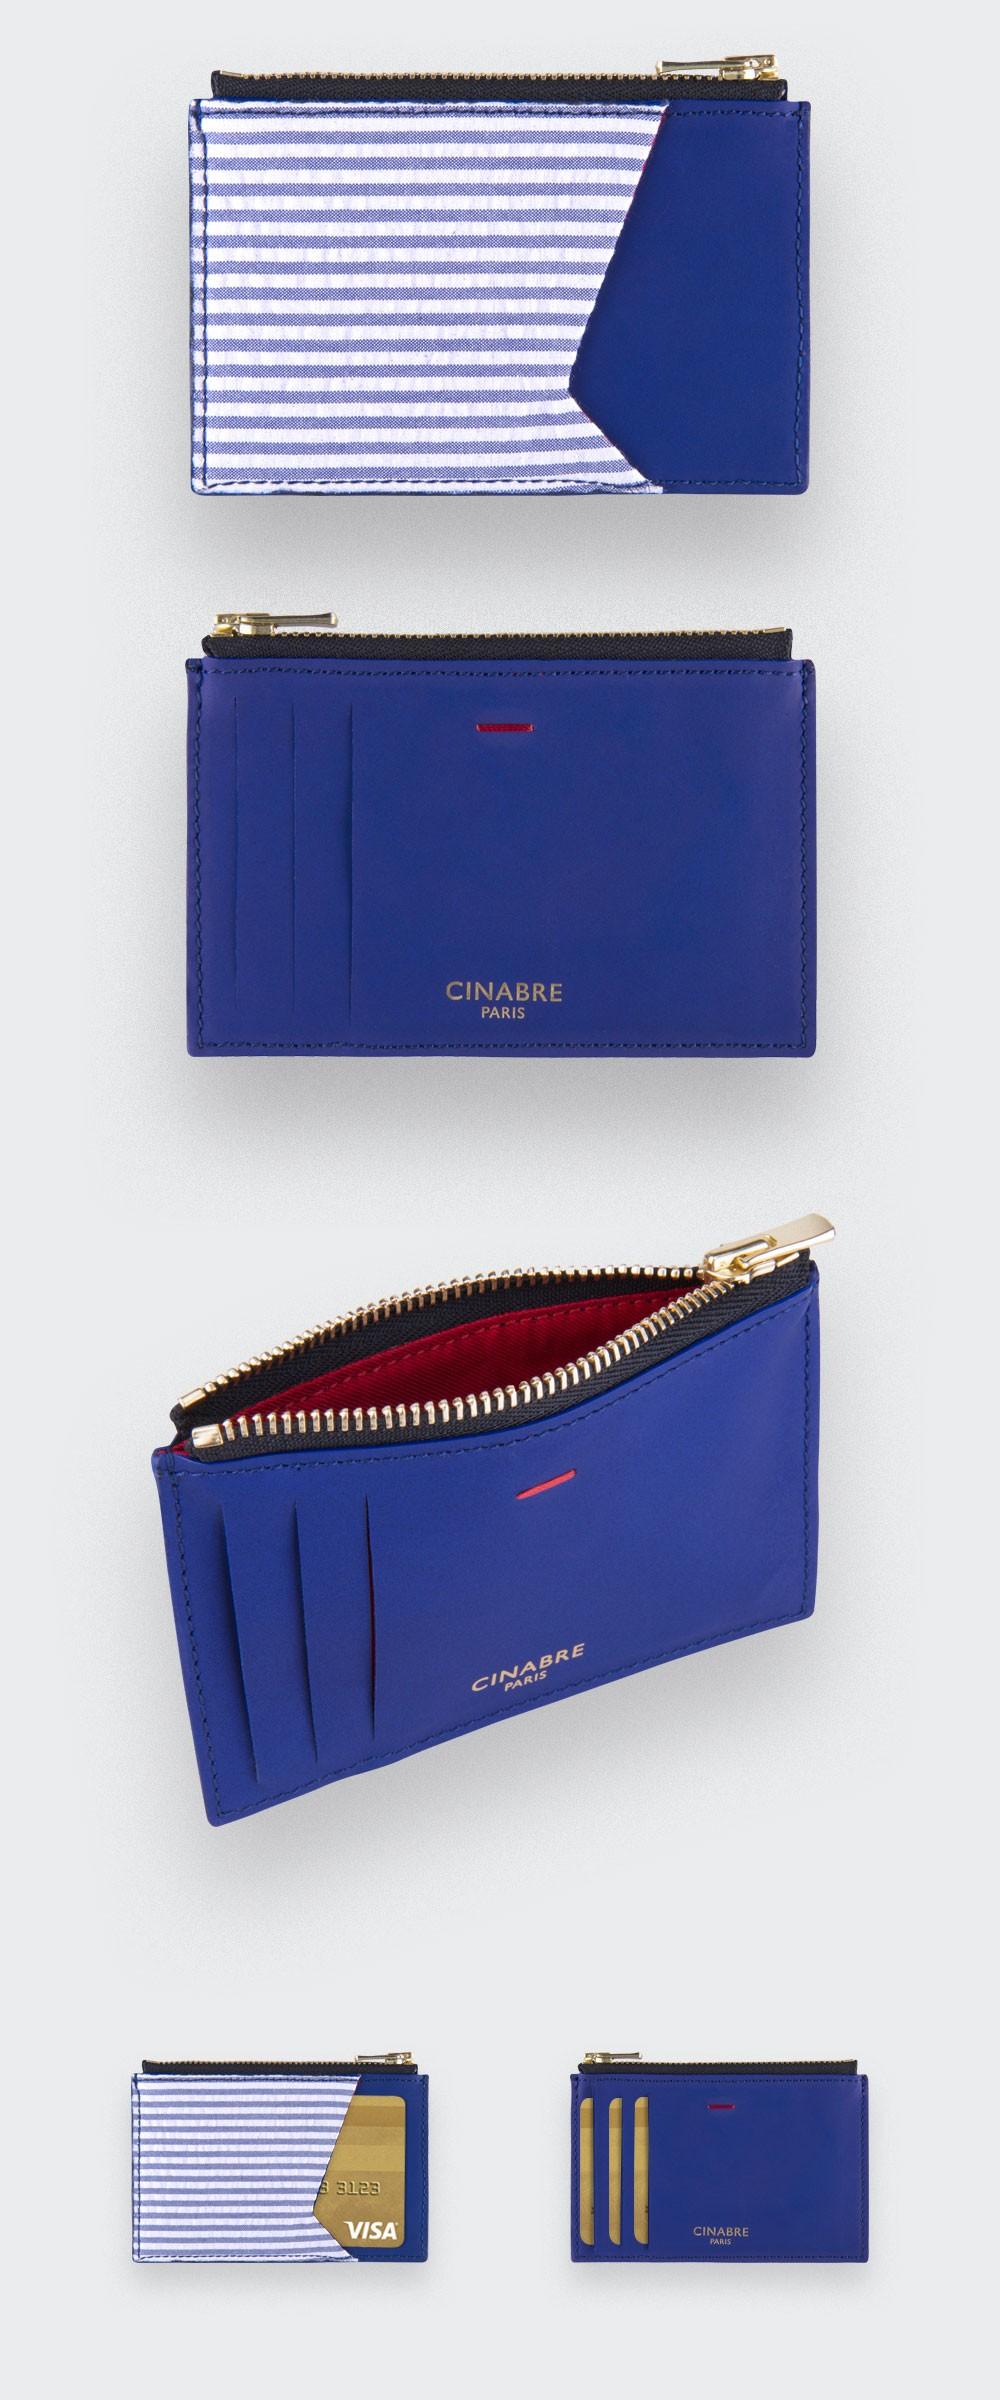 Card holder Seersucker - leather and seersucker - CINABRE Paris